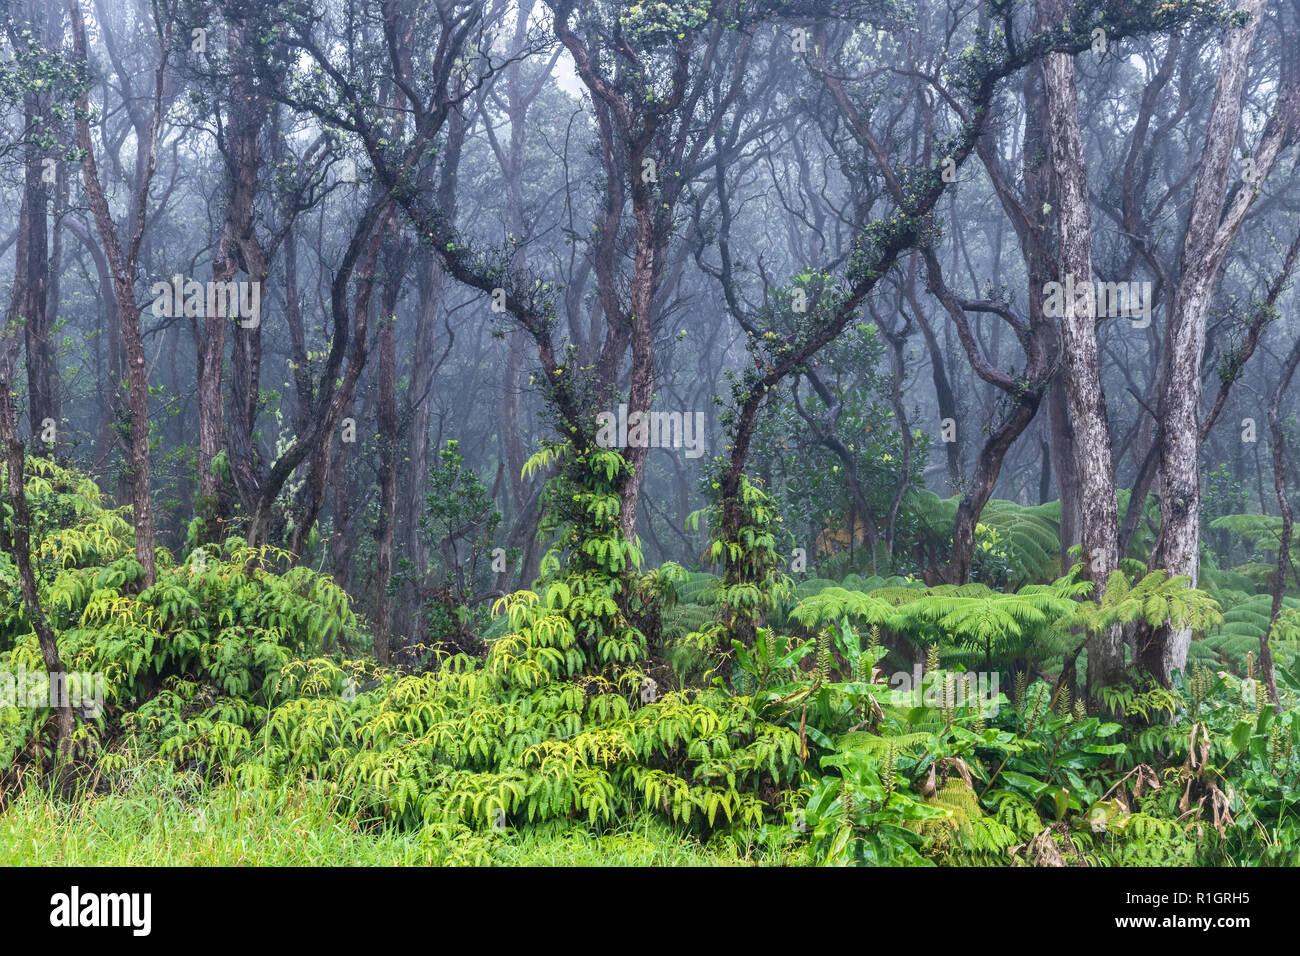 Tropischen Regenwald Auf Hawaiis Big Island Uppig Grune Vegetation